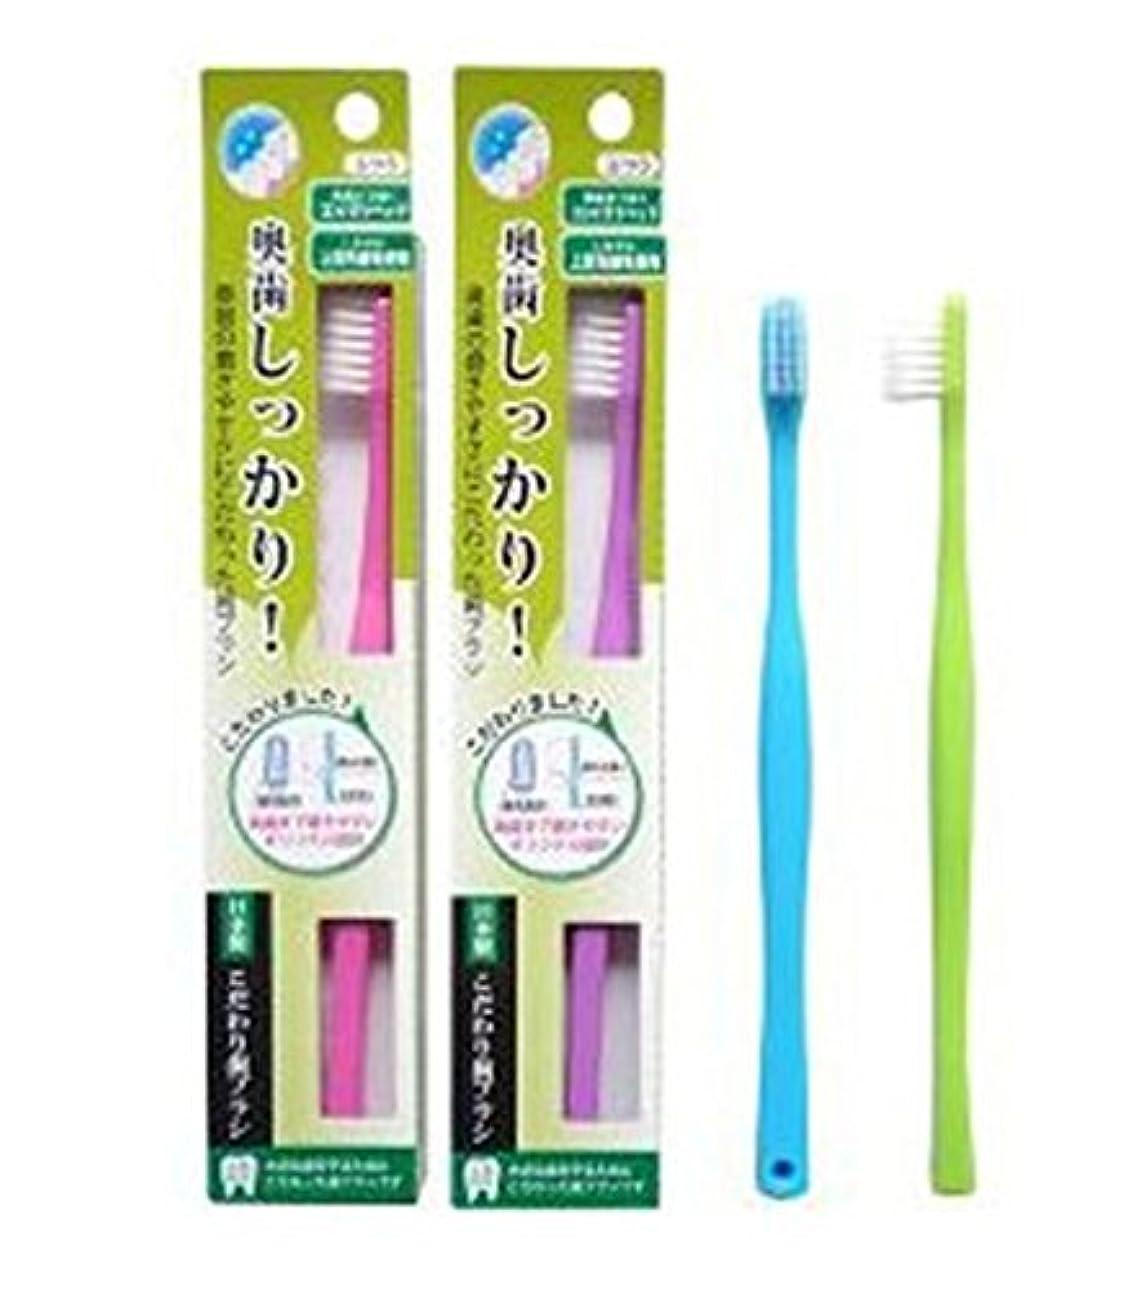 支店次論争的ライフレンジ 奥歯しっかりこだわり歯ブラシ 先細 12本 (ピンク4、パープル4、ブルー2、グリーン2)アソート